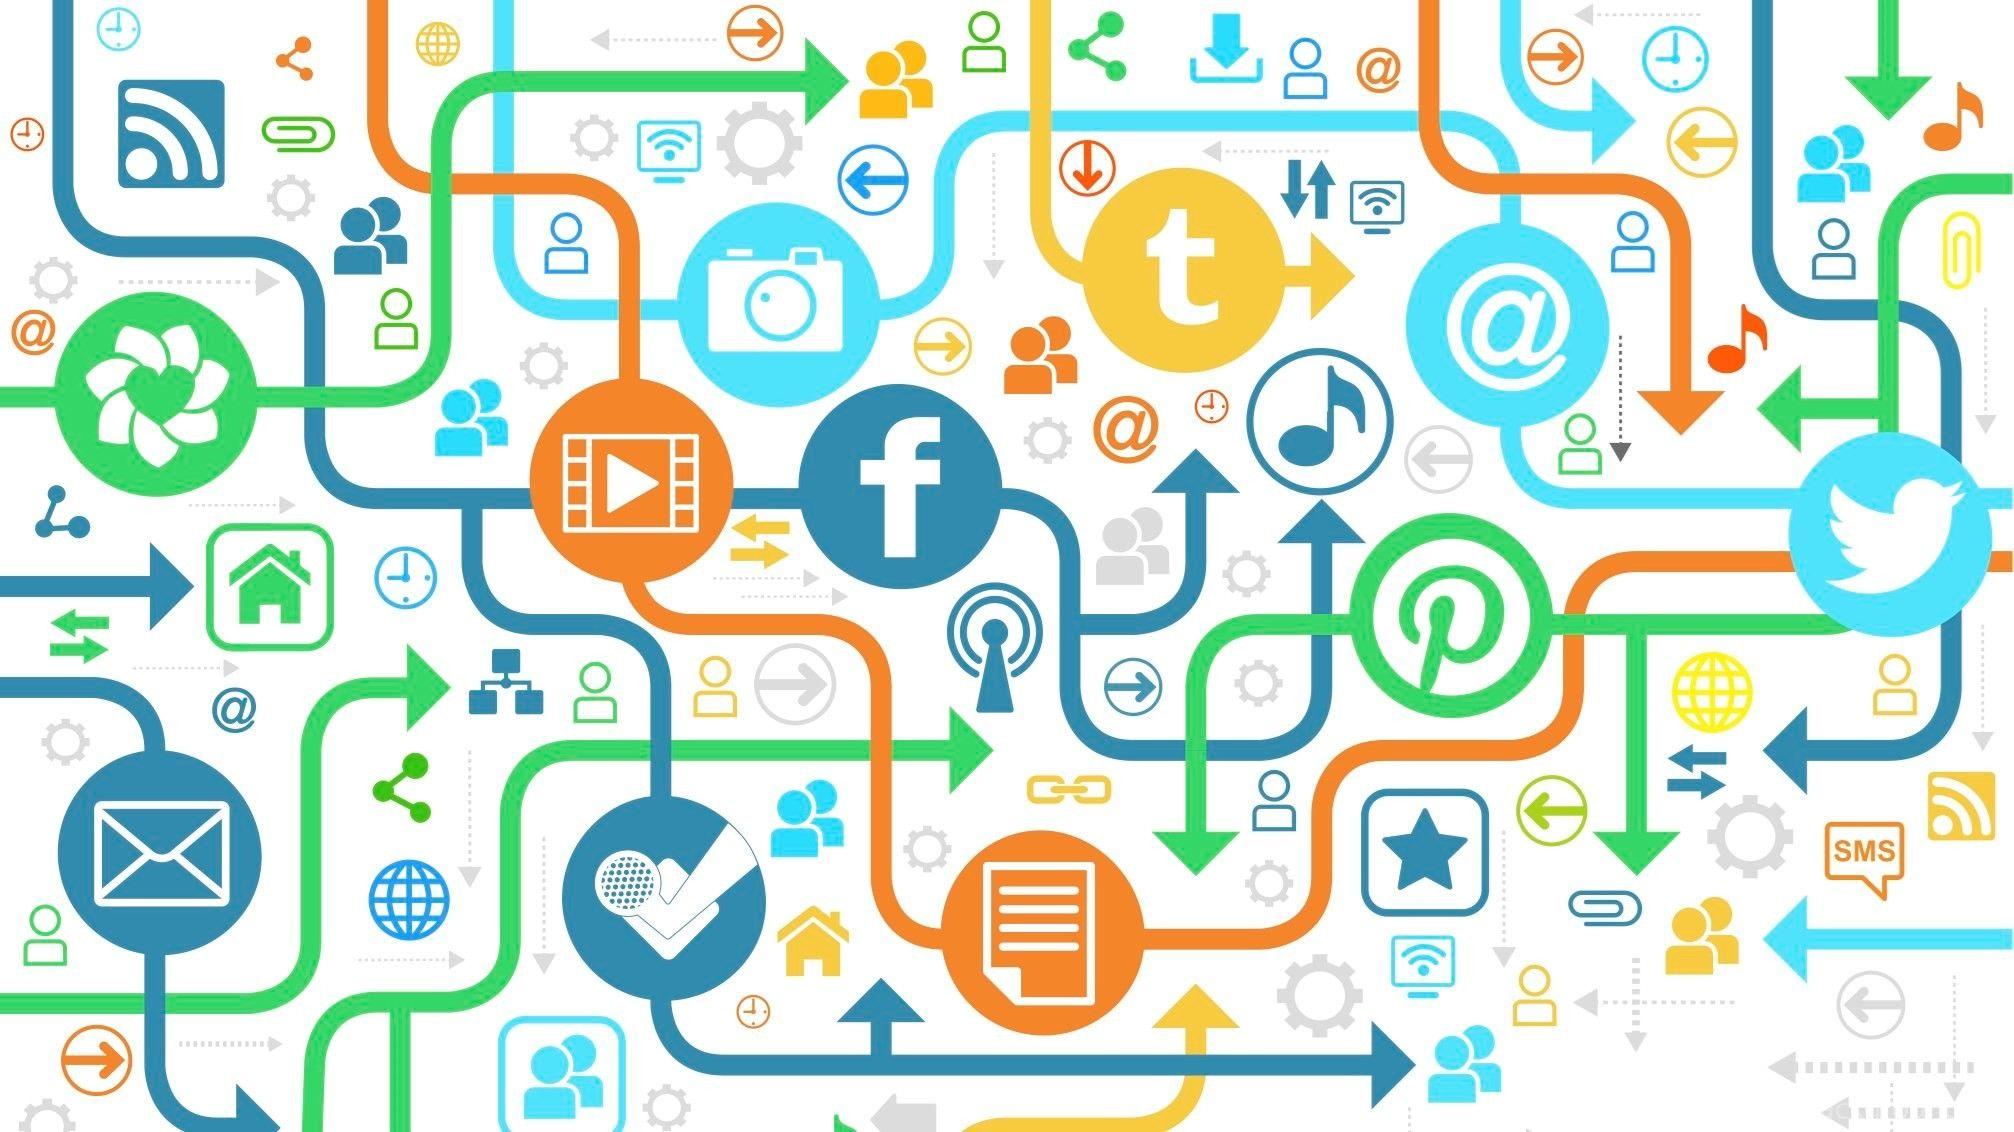 نقش شبکه های اجتماعی در بازاریابی محتوا